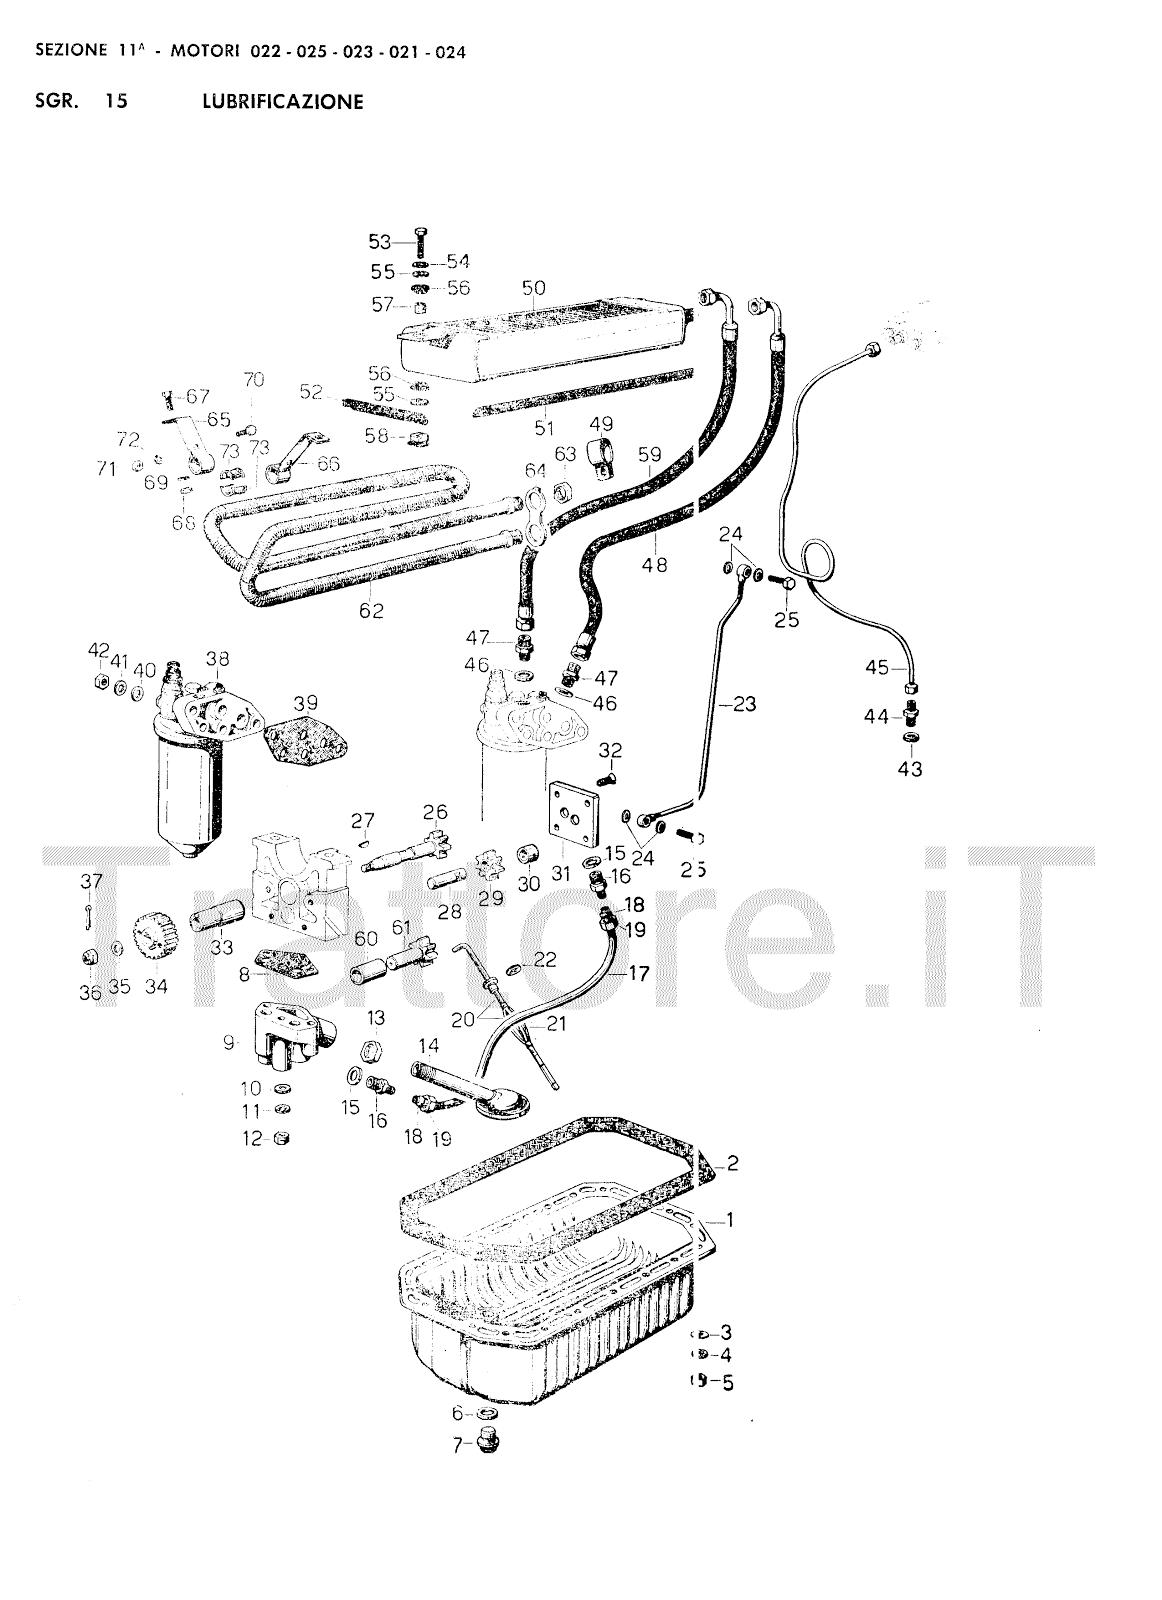 InfoTrattore.it: Manuale (esploso meccanico) Motore 022